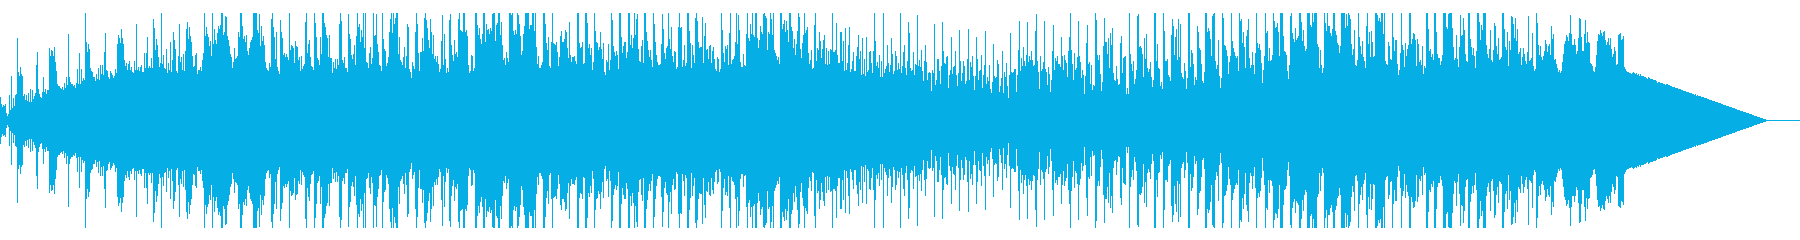 アナログシンセのダークなシネマスケープの再生済みの波形